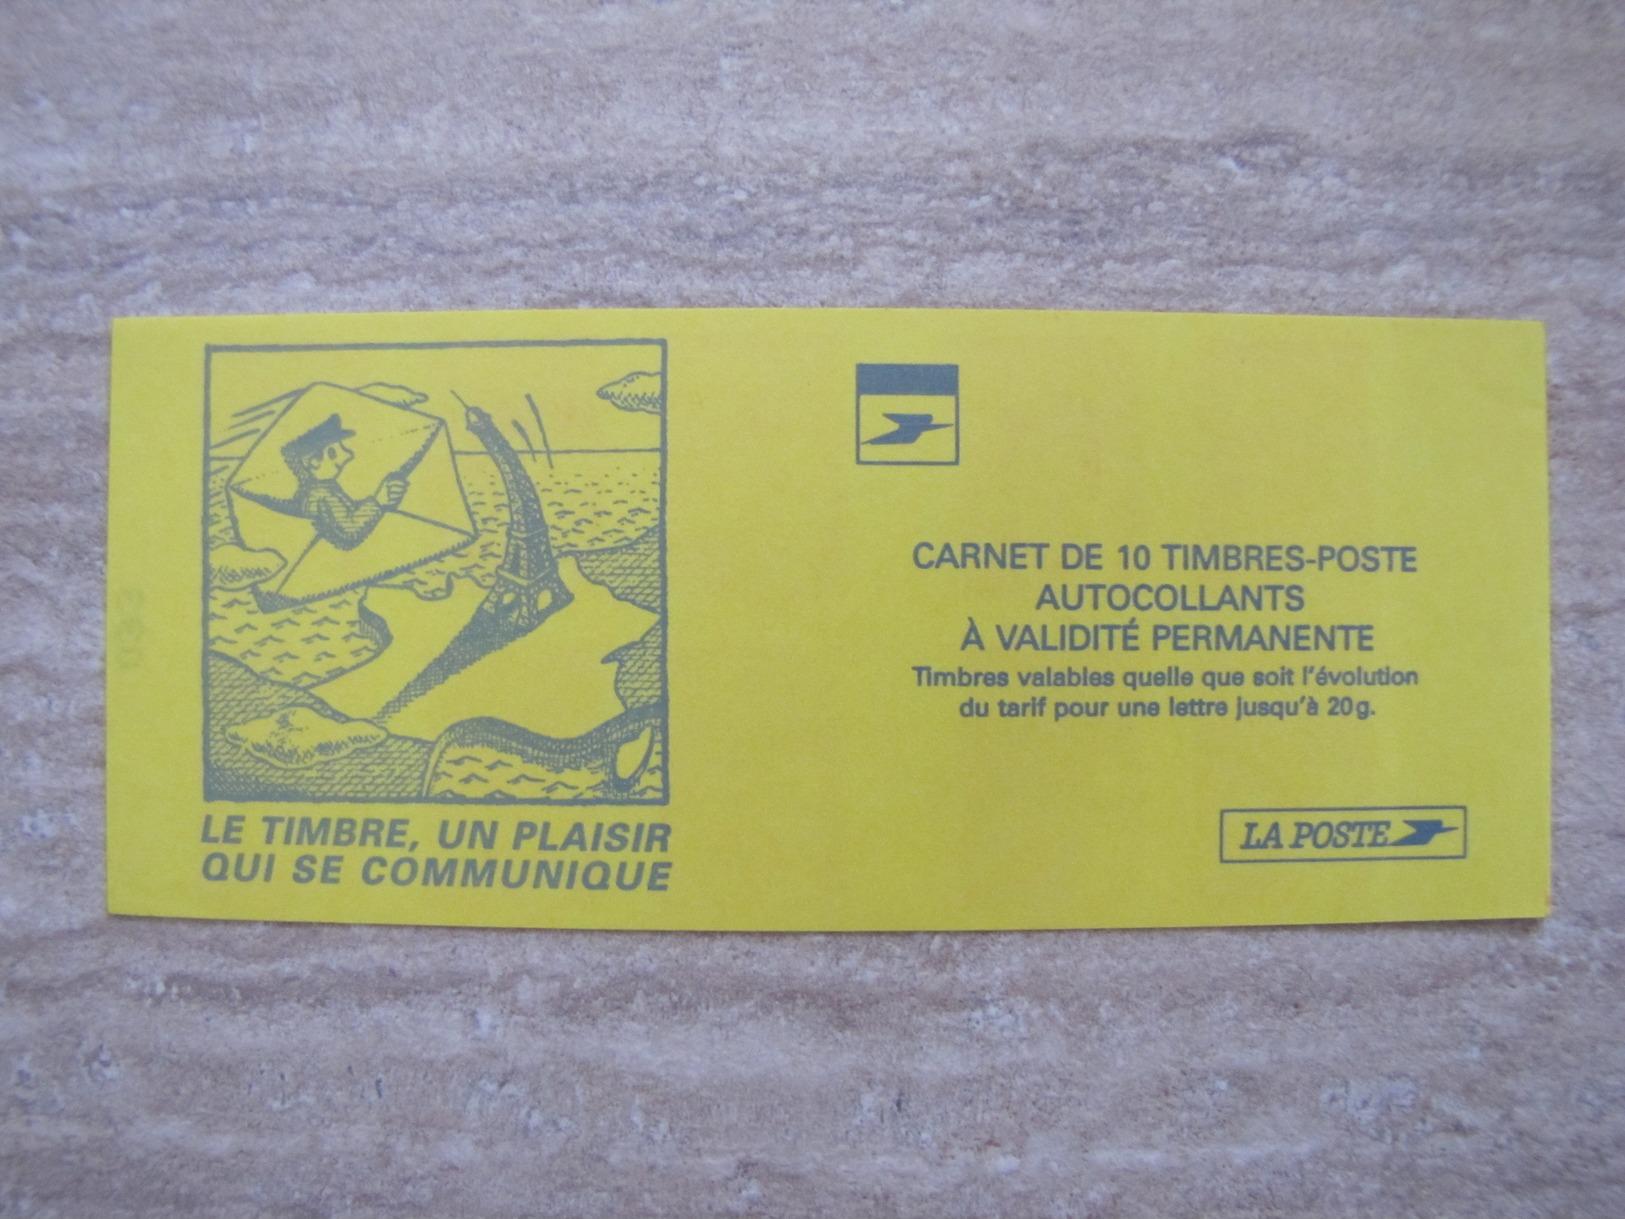 CARNET LUQUET N°3085a-C2  DATE DU 15.11.99 AVEC BOUT DE RE A GAUCHE - Usage Courant